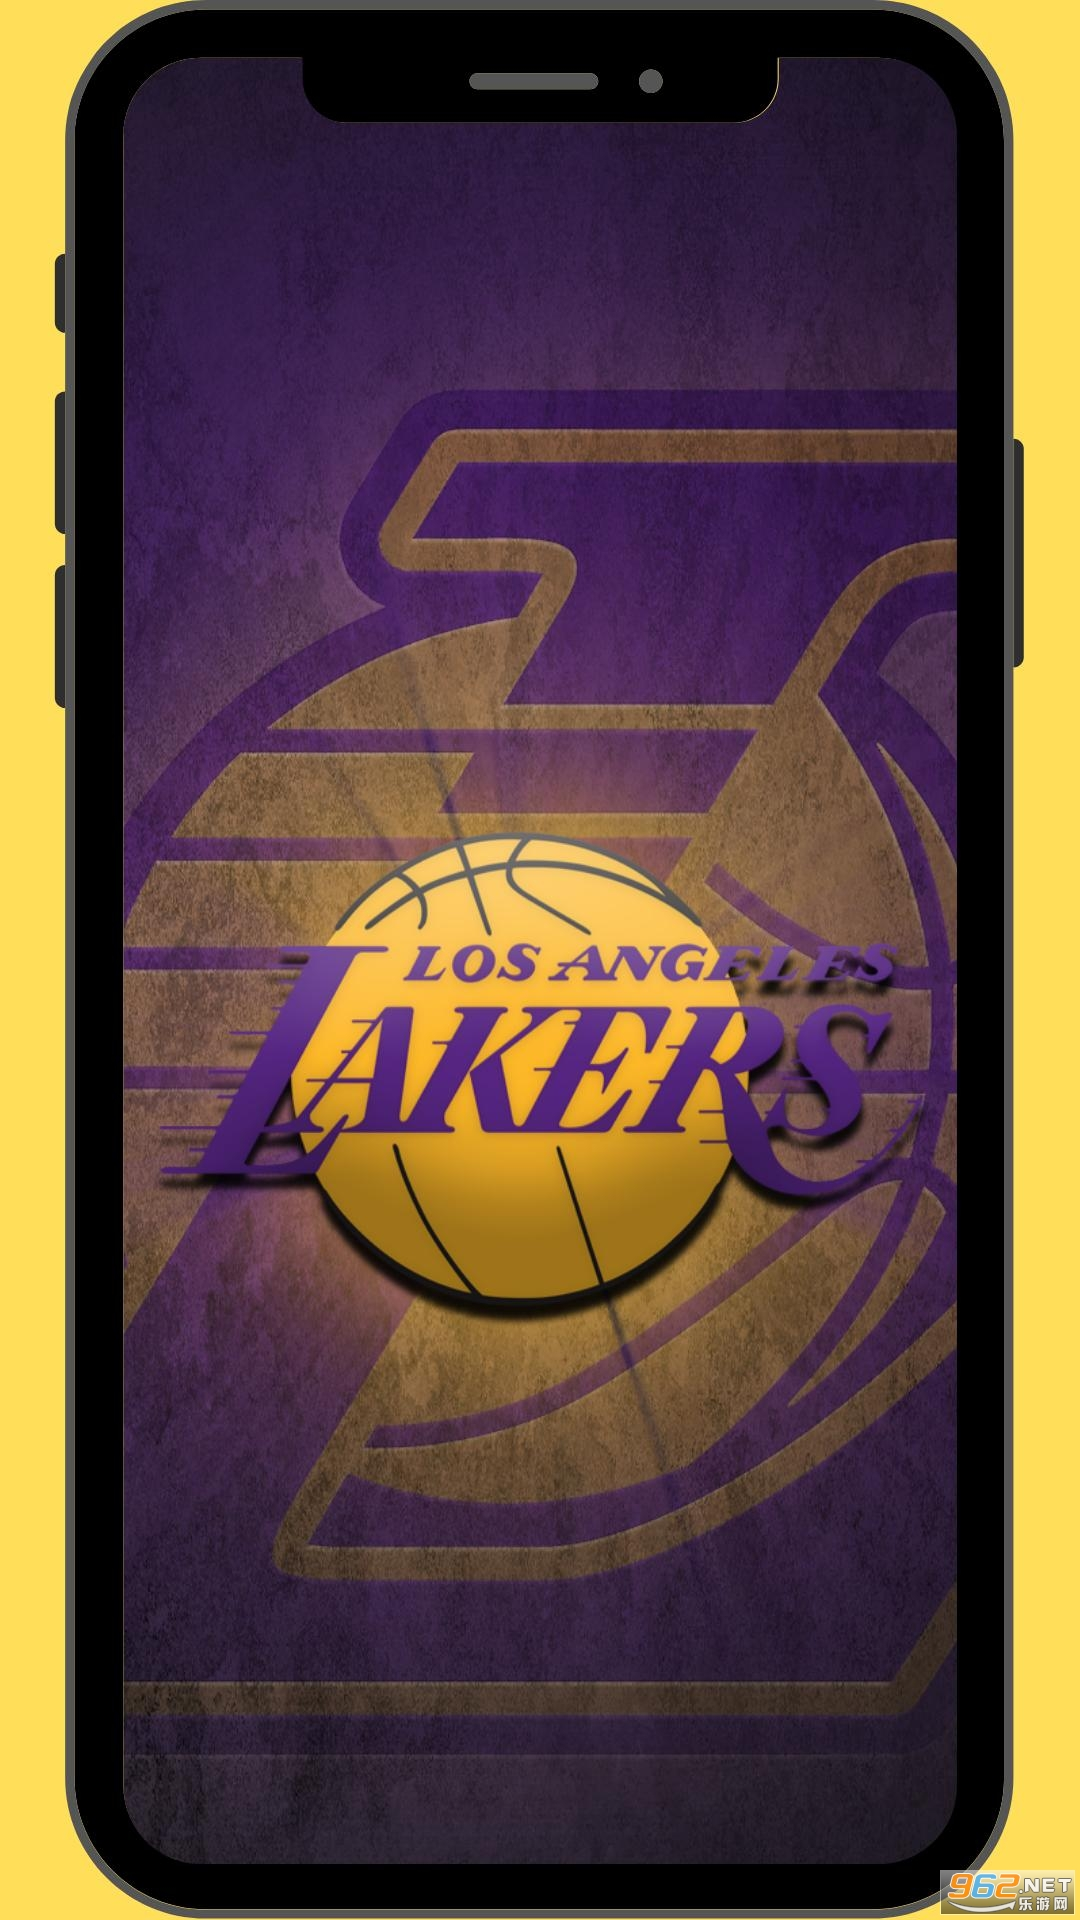 洛杉矶湖人队壁纸LA Lakers wallpaper2021v1.0.0 安卓版截图2